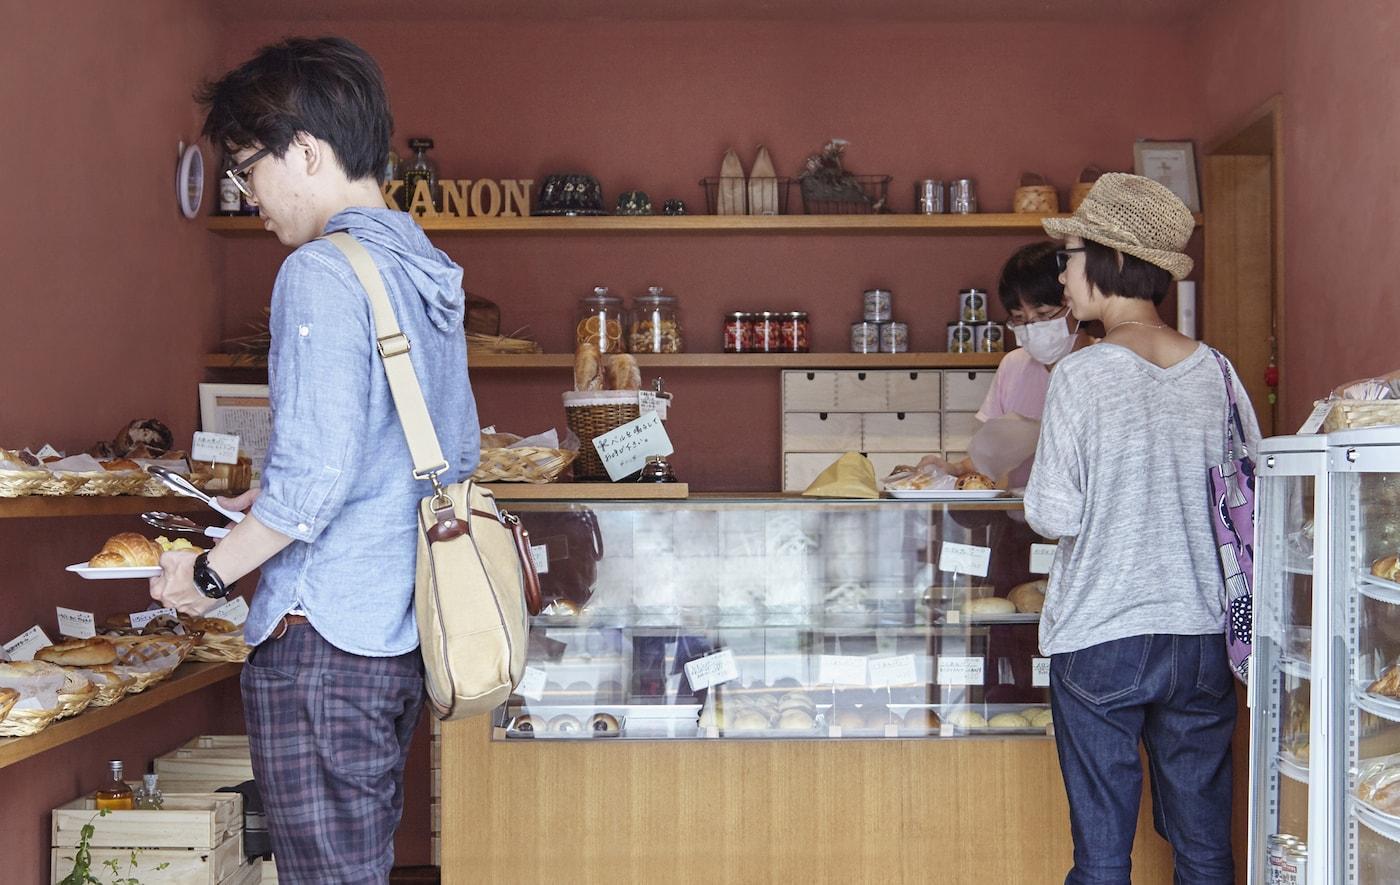 Clients en train de choisir des pains et des gâteaux dans la boulangerie.